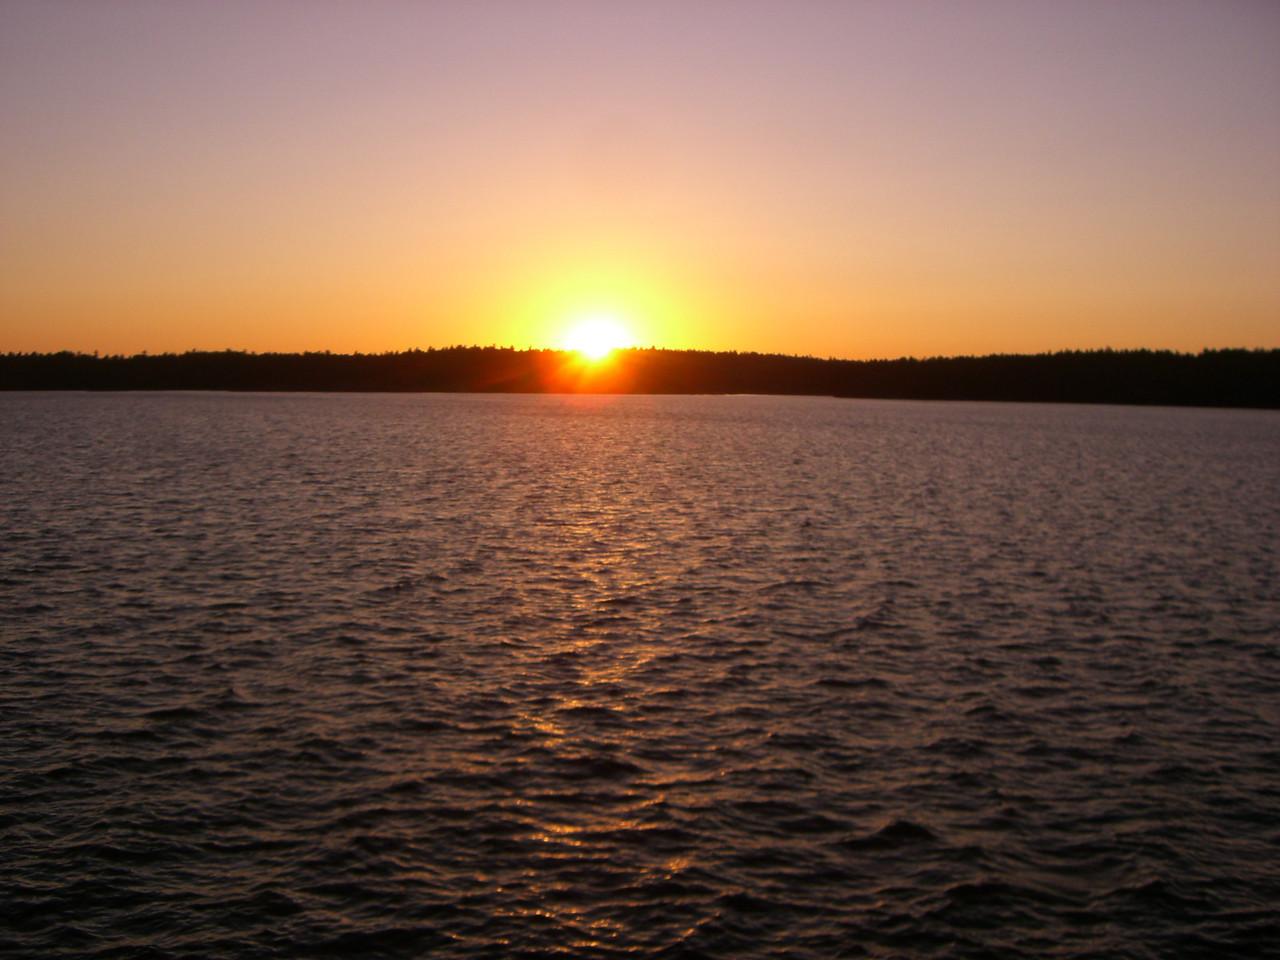 Sunset at North Bay.